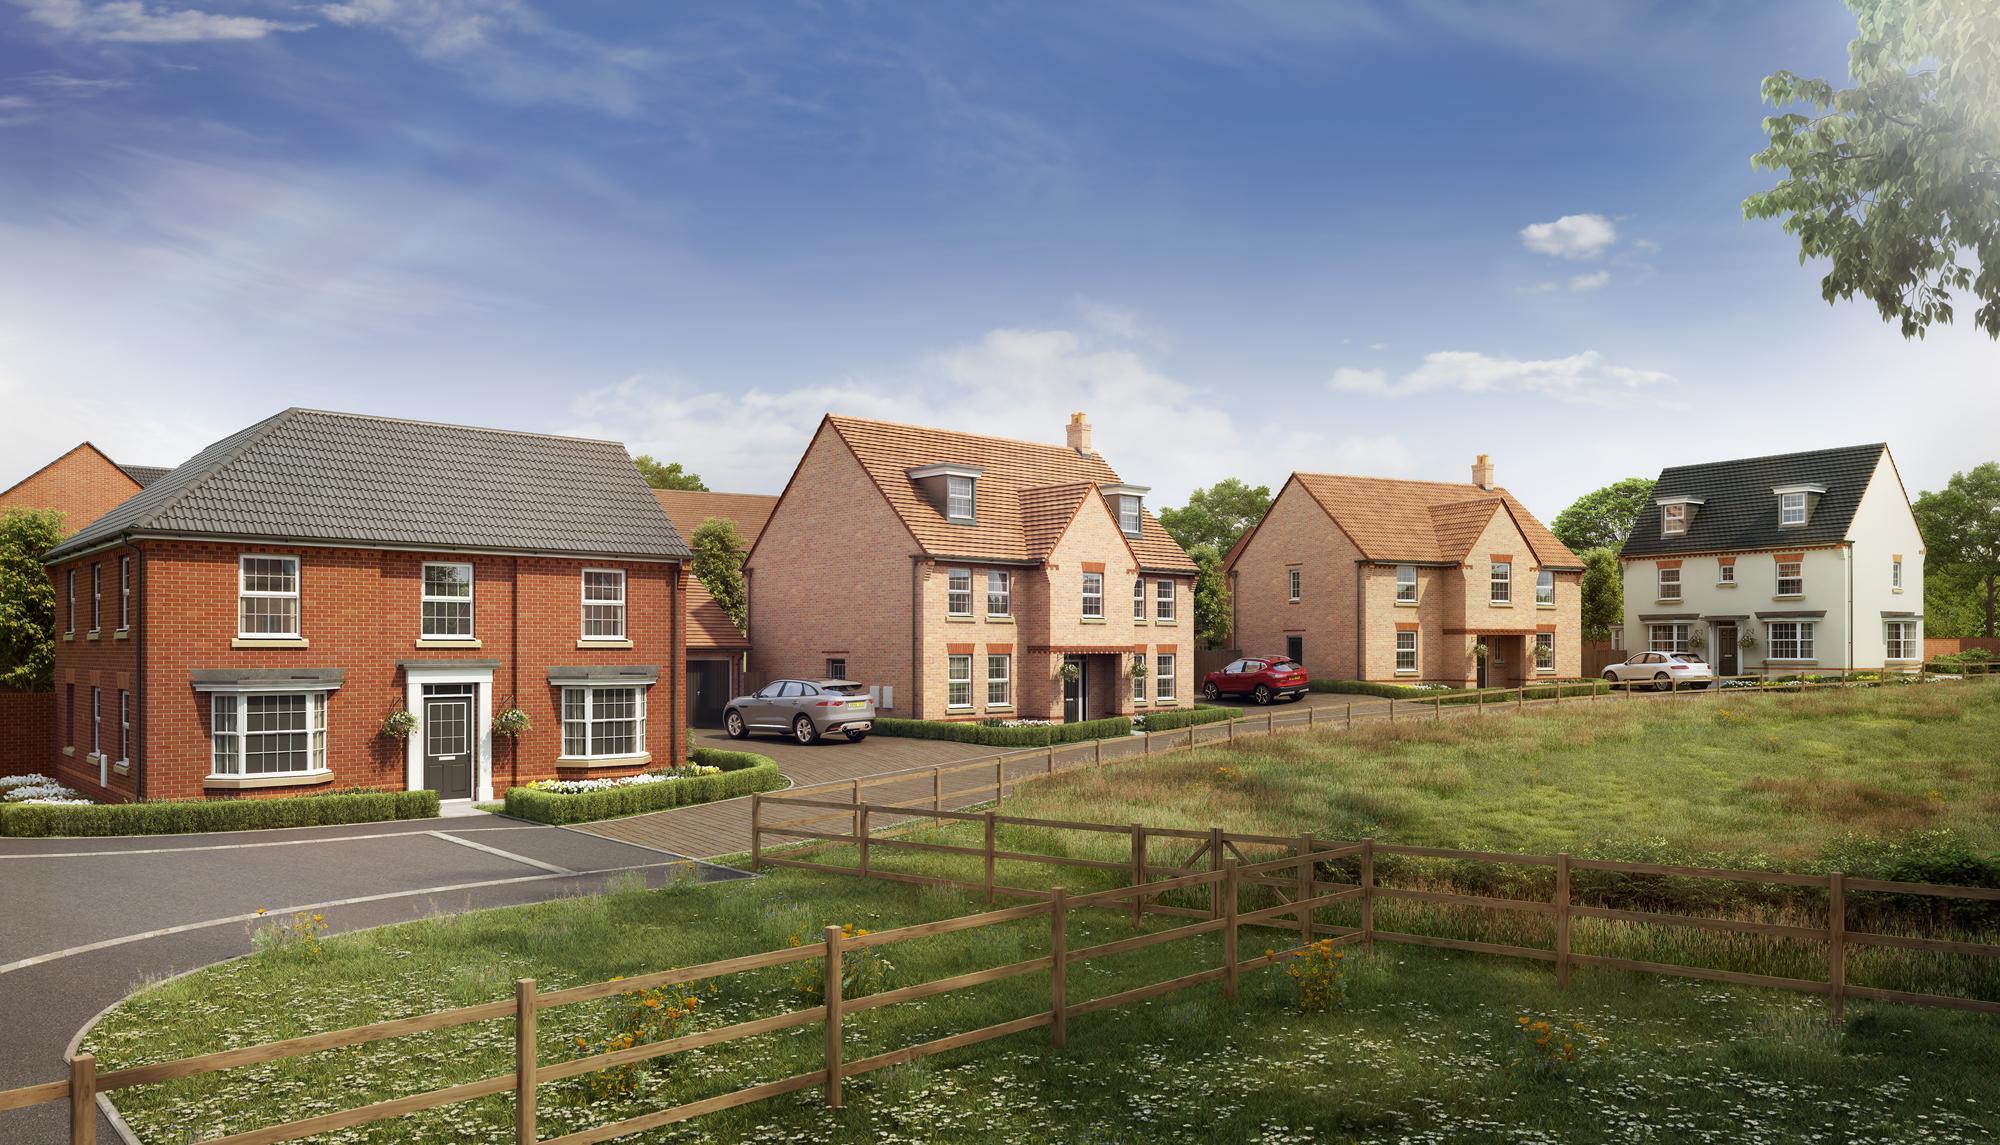 New Build Homes in Harlestone